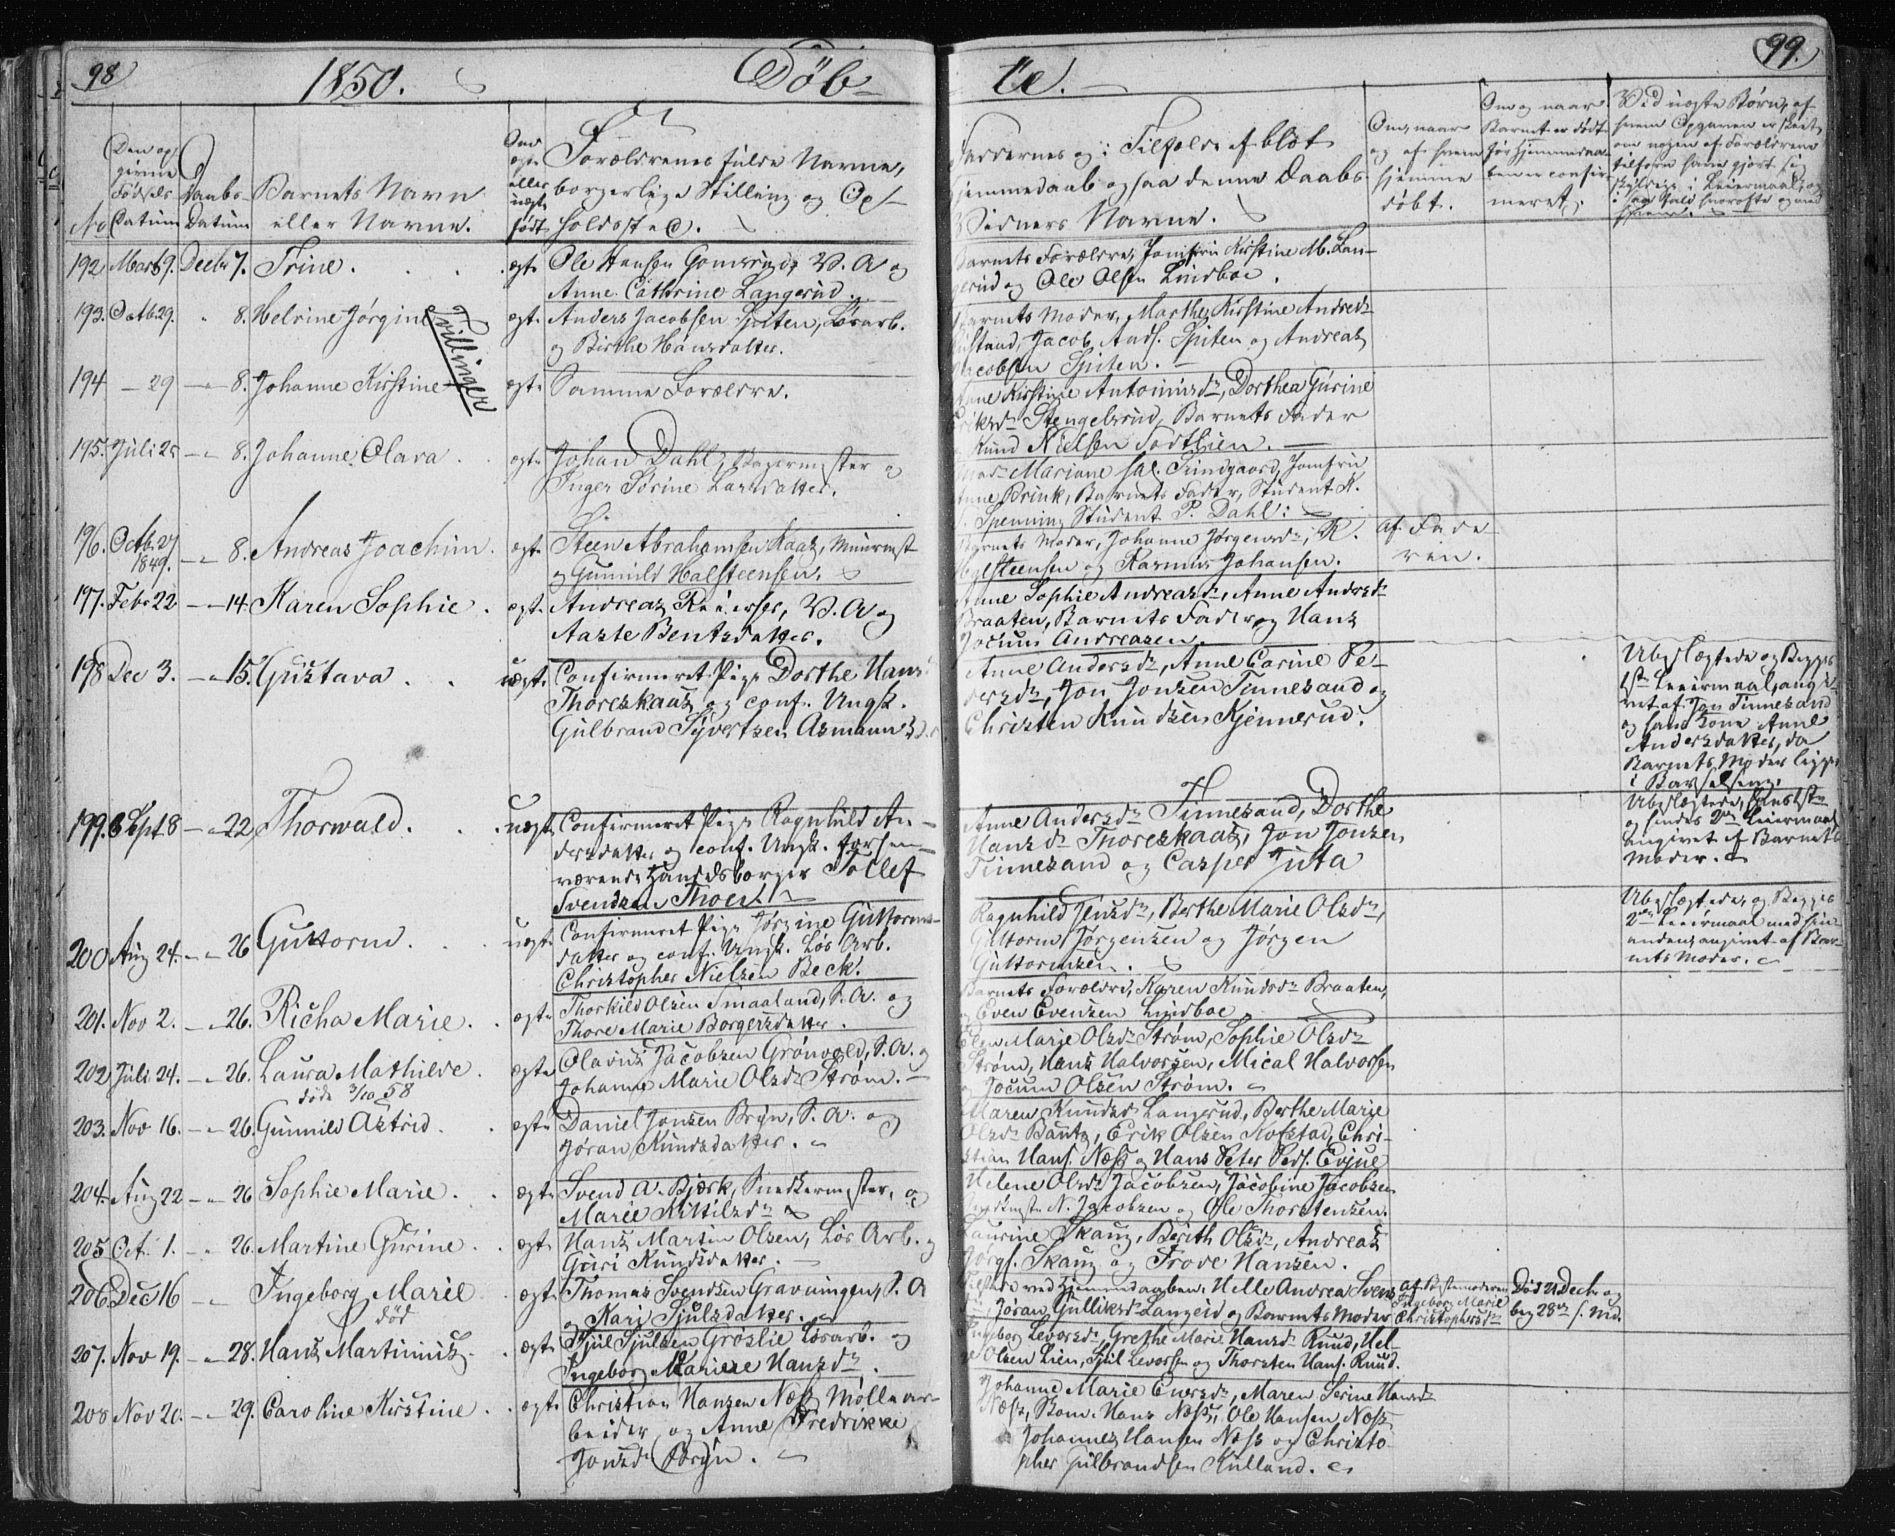 SAKO, Kongsberg kirkebøker, F/Fa/L0009: Ministerialbok nr. I 9, 1839-1858, s. 98-99